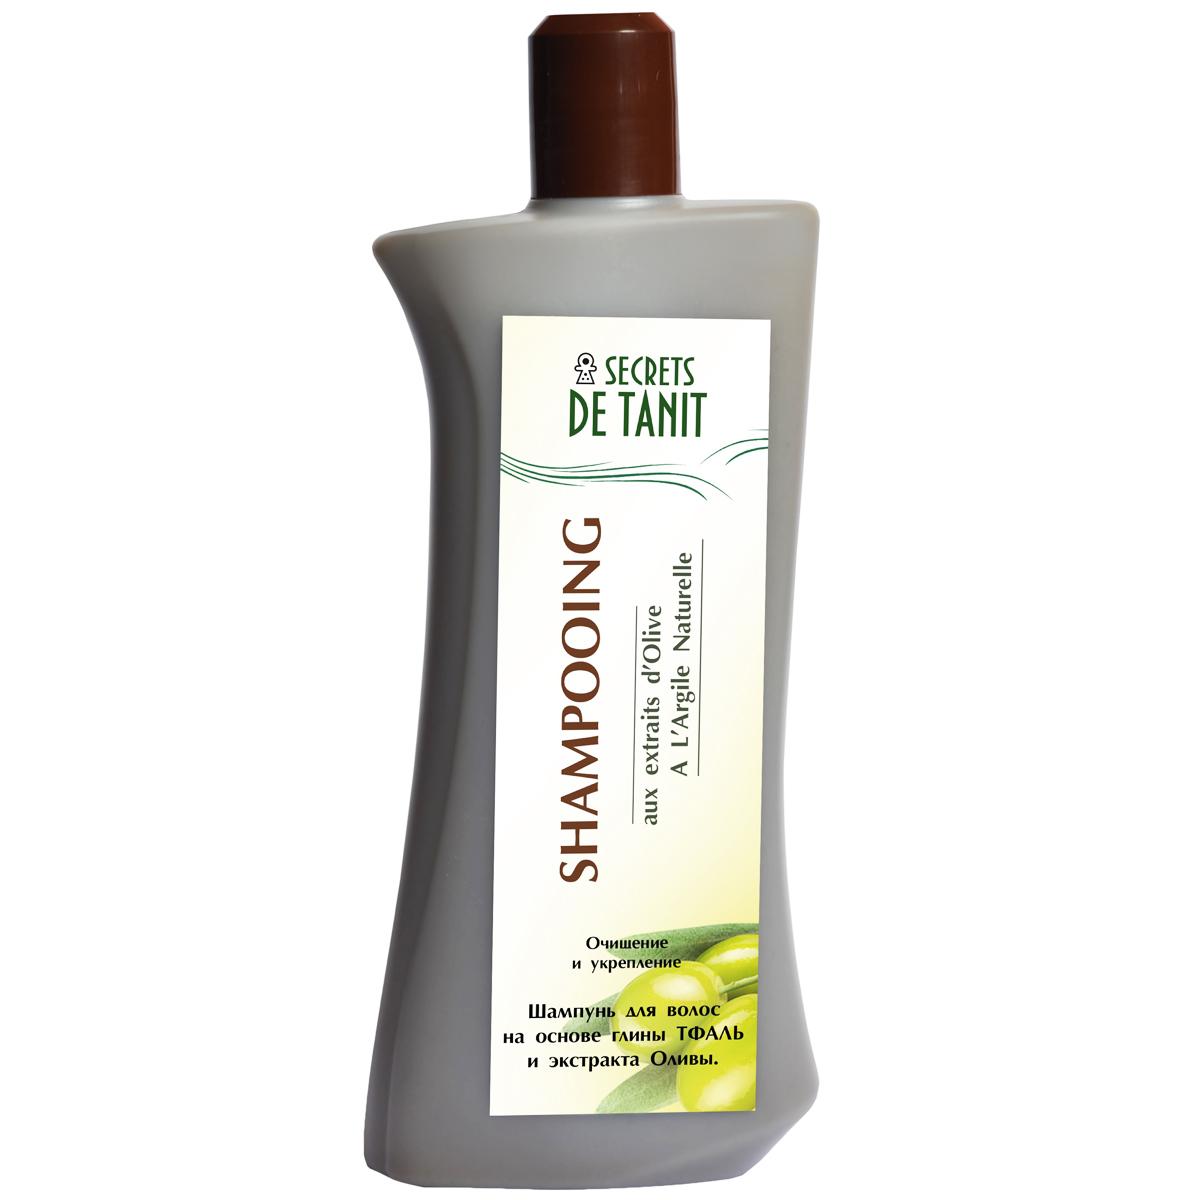 Secrets de Tanit Шампунь с Тфалью и маслом оливы, 400 мл5344Натуральный шампунь  Secrets de Tanitна основе глины Тфаль(Гассуль ) вулканического происхождения деликатно очищает волосы от загрязнений и осуществляетделикатный пилинг кожи головы. Масло оливы, входящее в состав шампуня, питает волосы, насыщает витаминами А, Е,защищает волосы от негативного воздействия окружающей среды. В результате мытья волосыуплотняются, приобретают блеск и сияние.